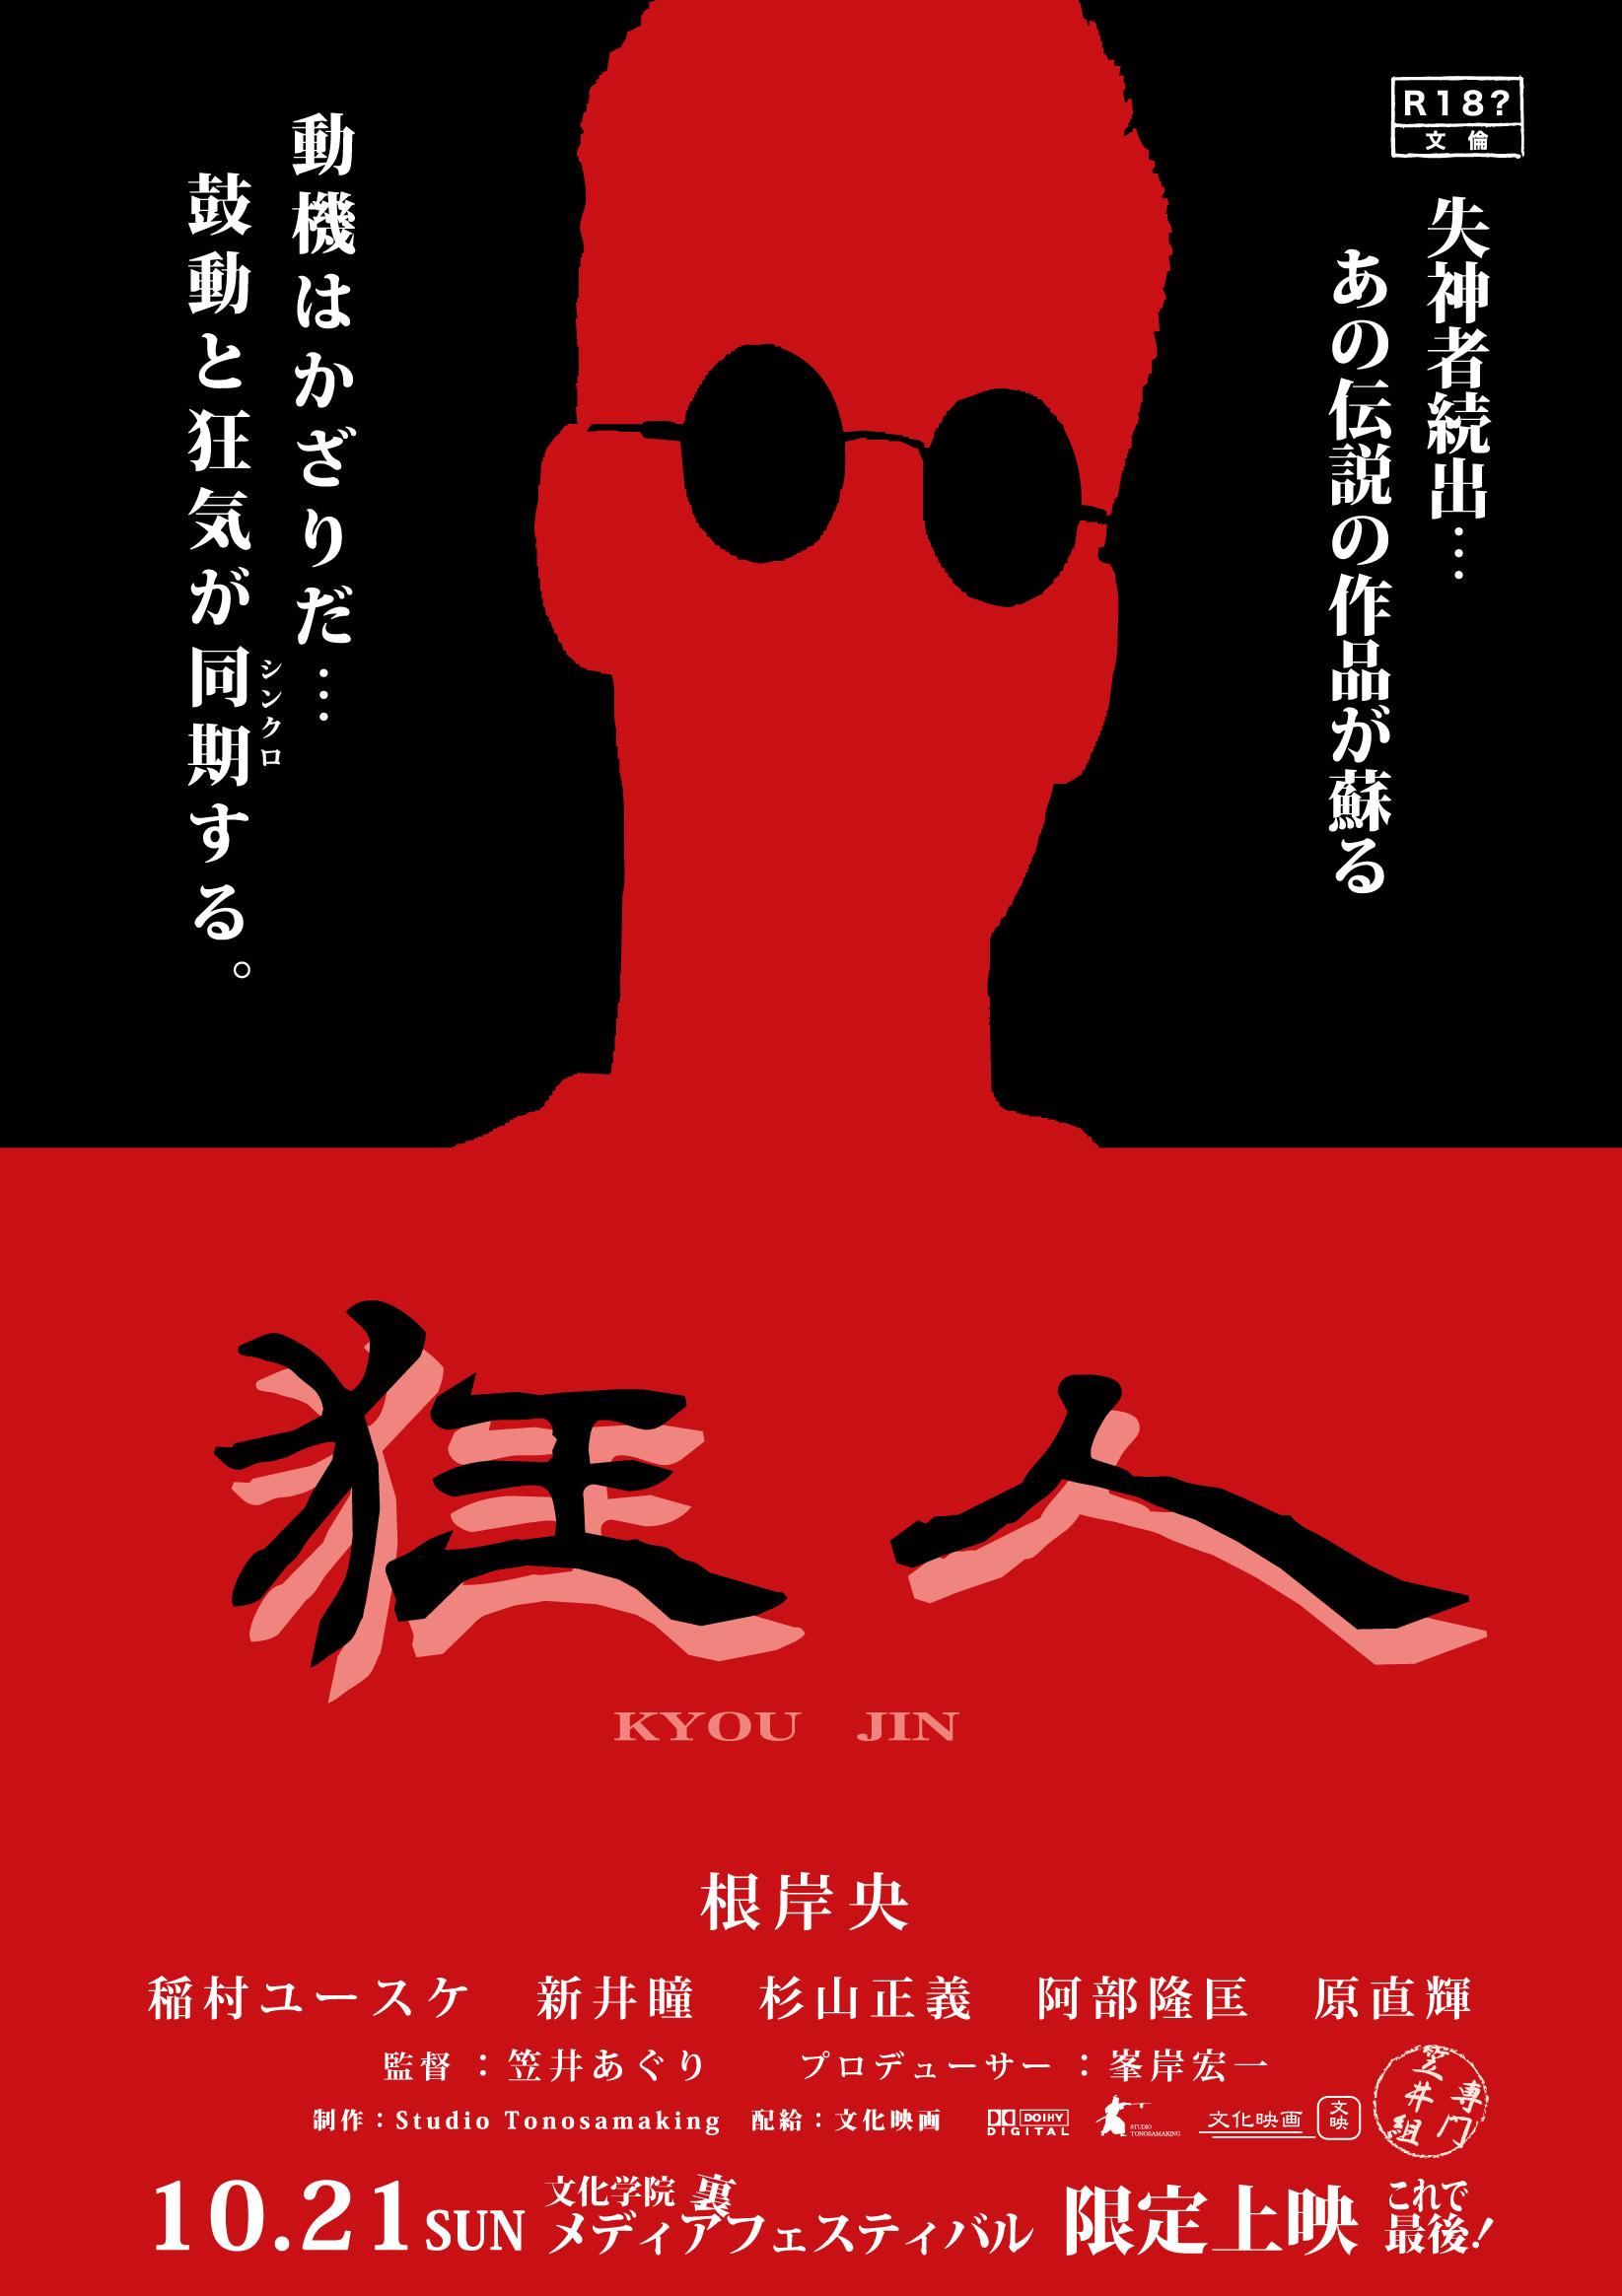 狂人 21日上映